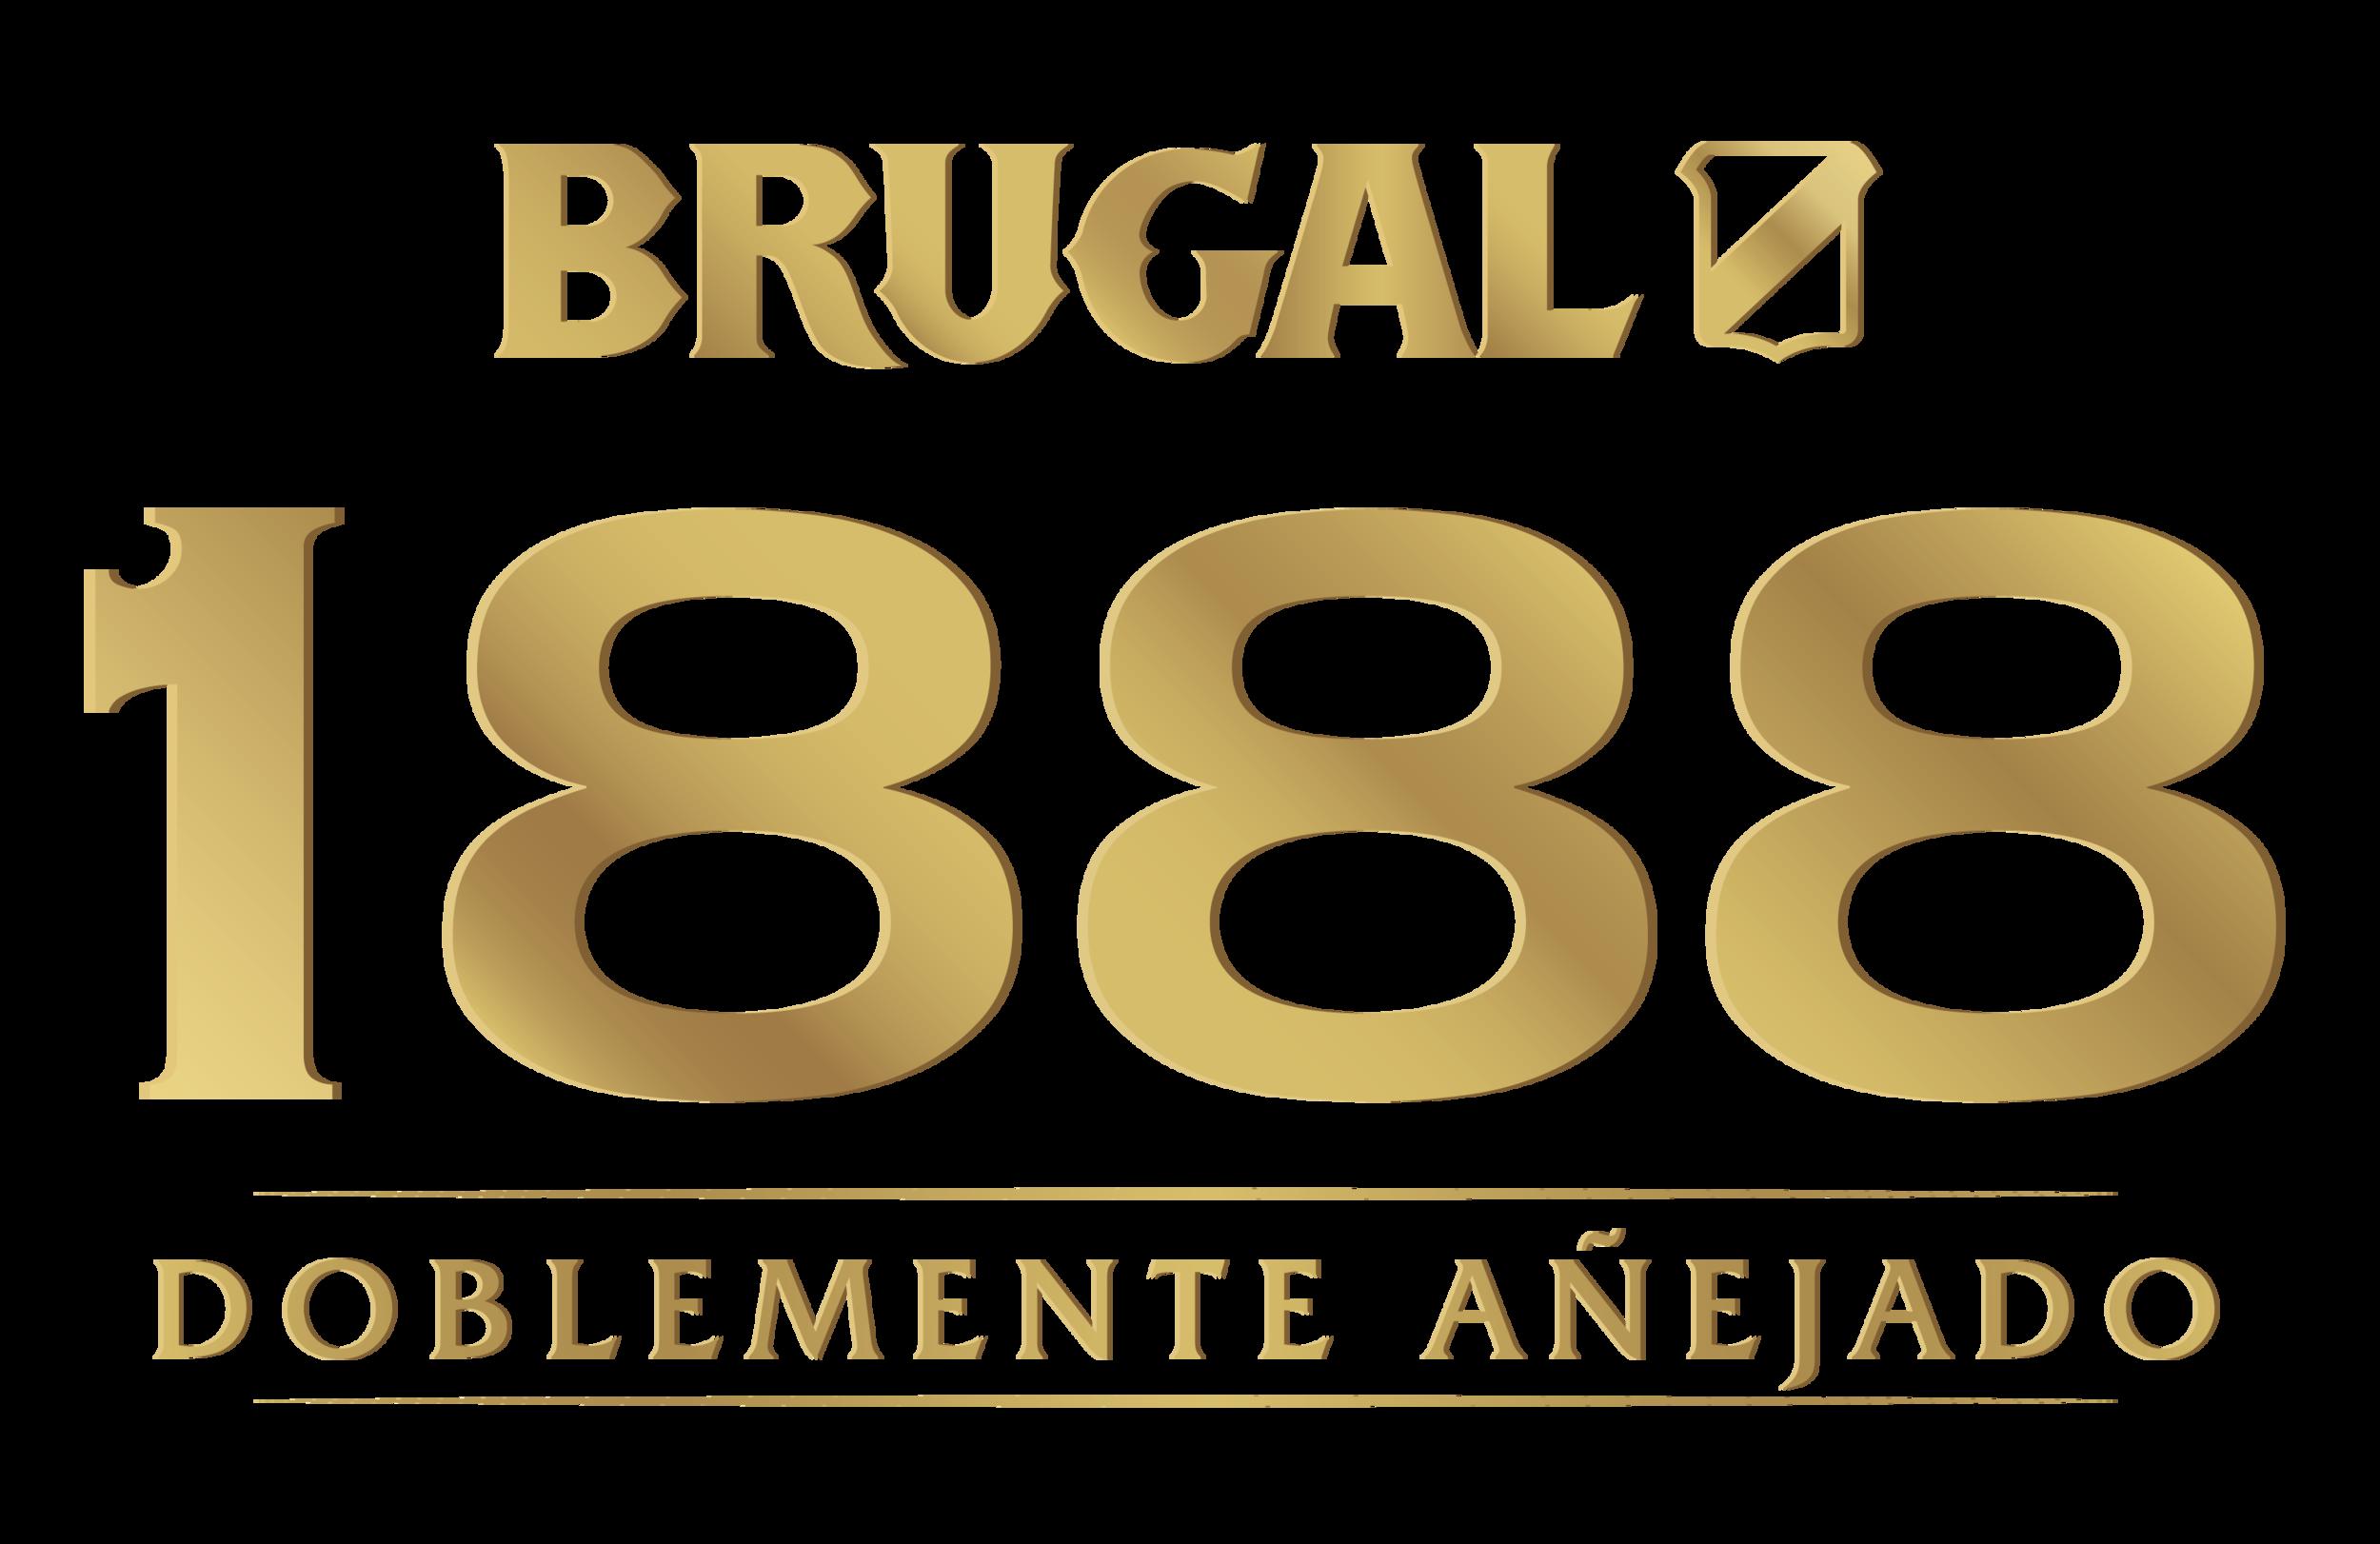 Brugal_1888_Logo_Sep2018_Completo.png